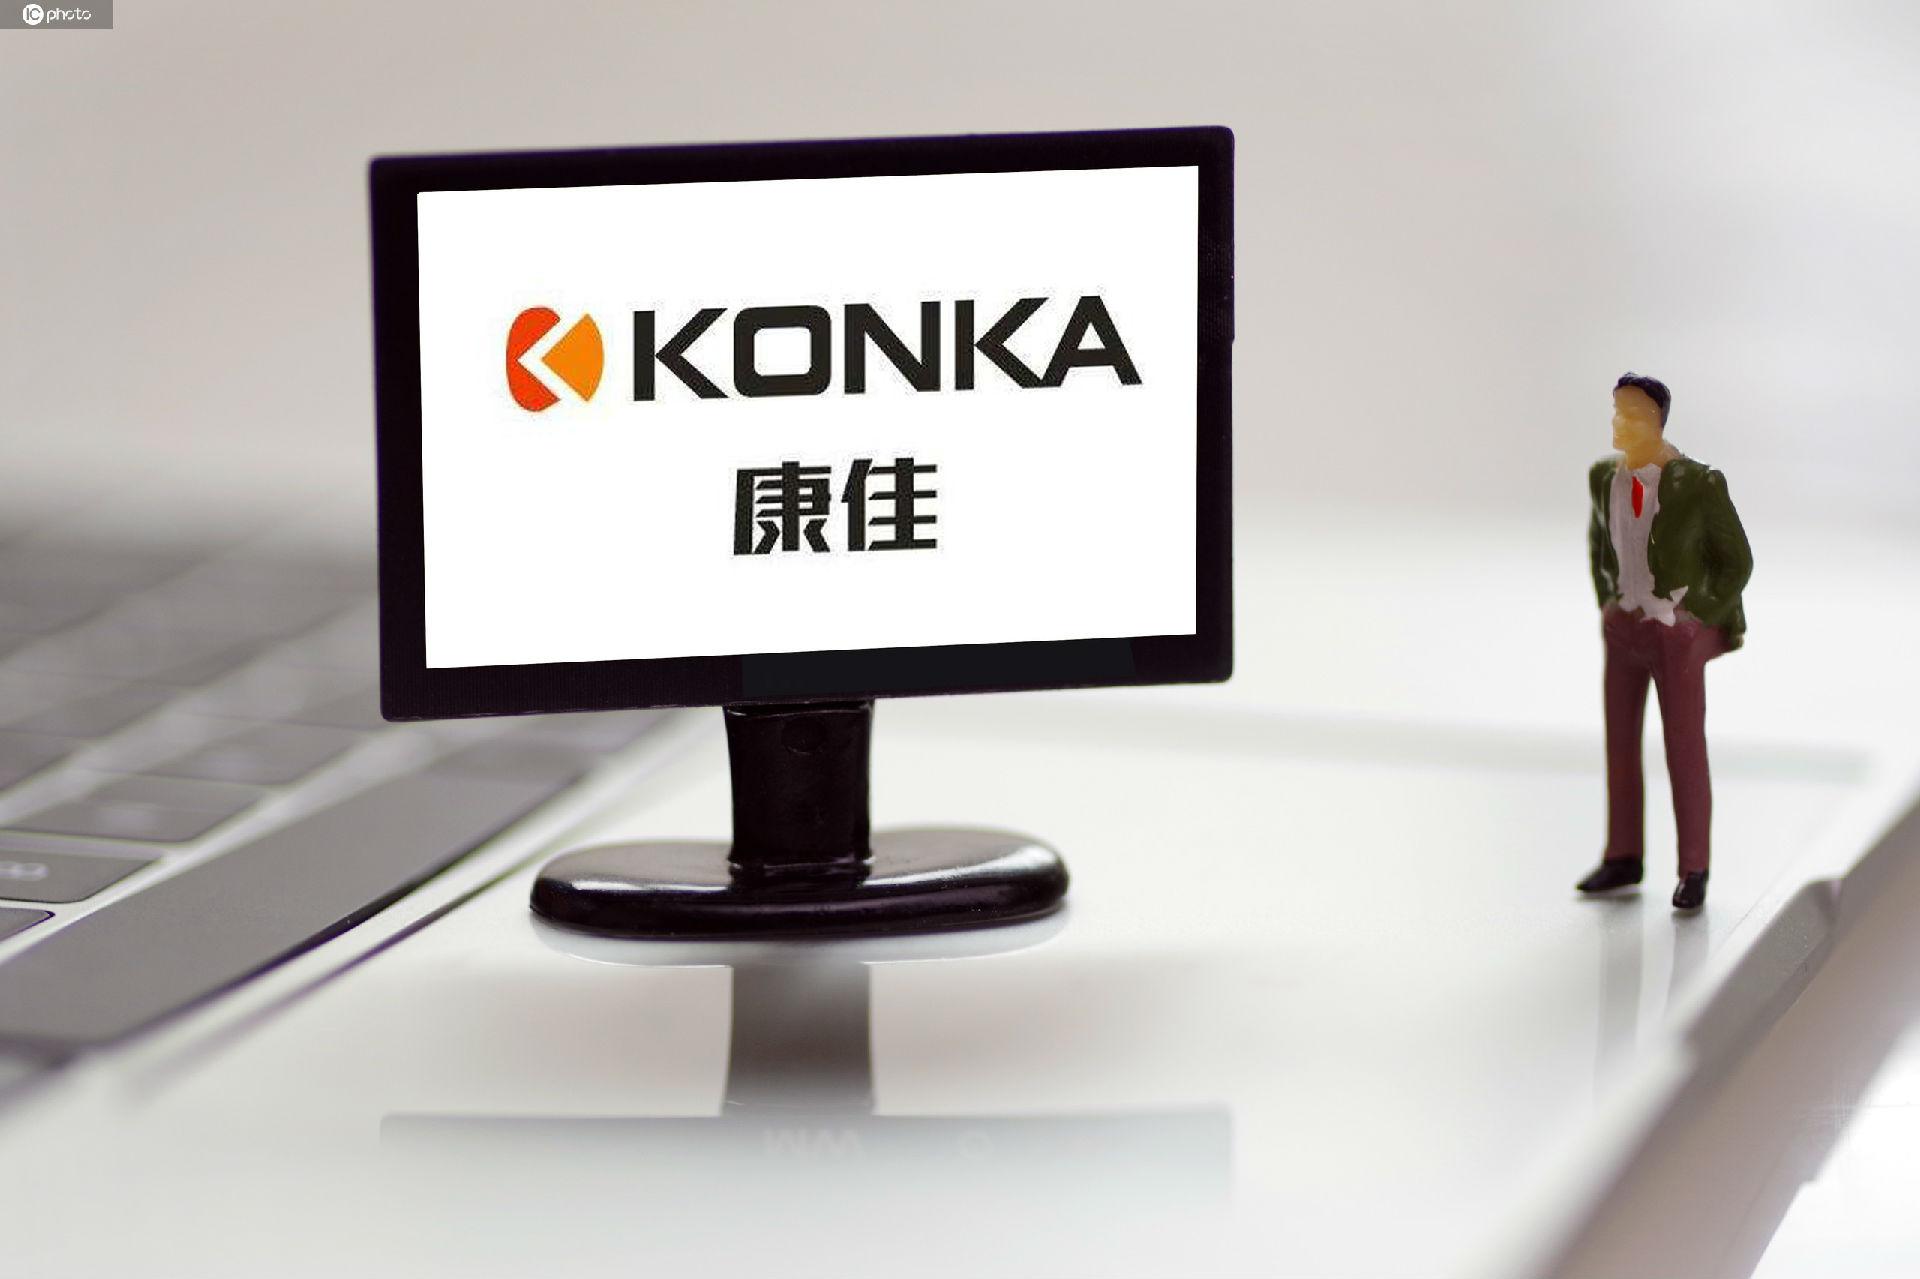 近日,康佳发布了两款APHAEA未来屏,其中包括首款Micro LED系列产品Smart Wall,该款产品尺寸超百英寸,并给出了最高定价888万元的高价位。